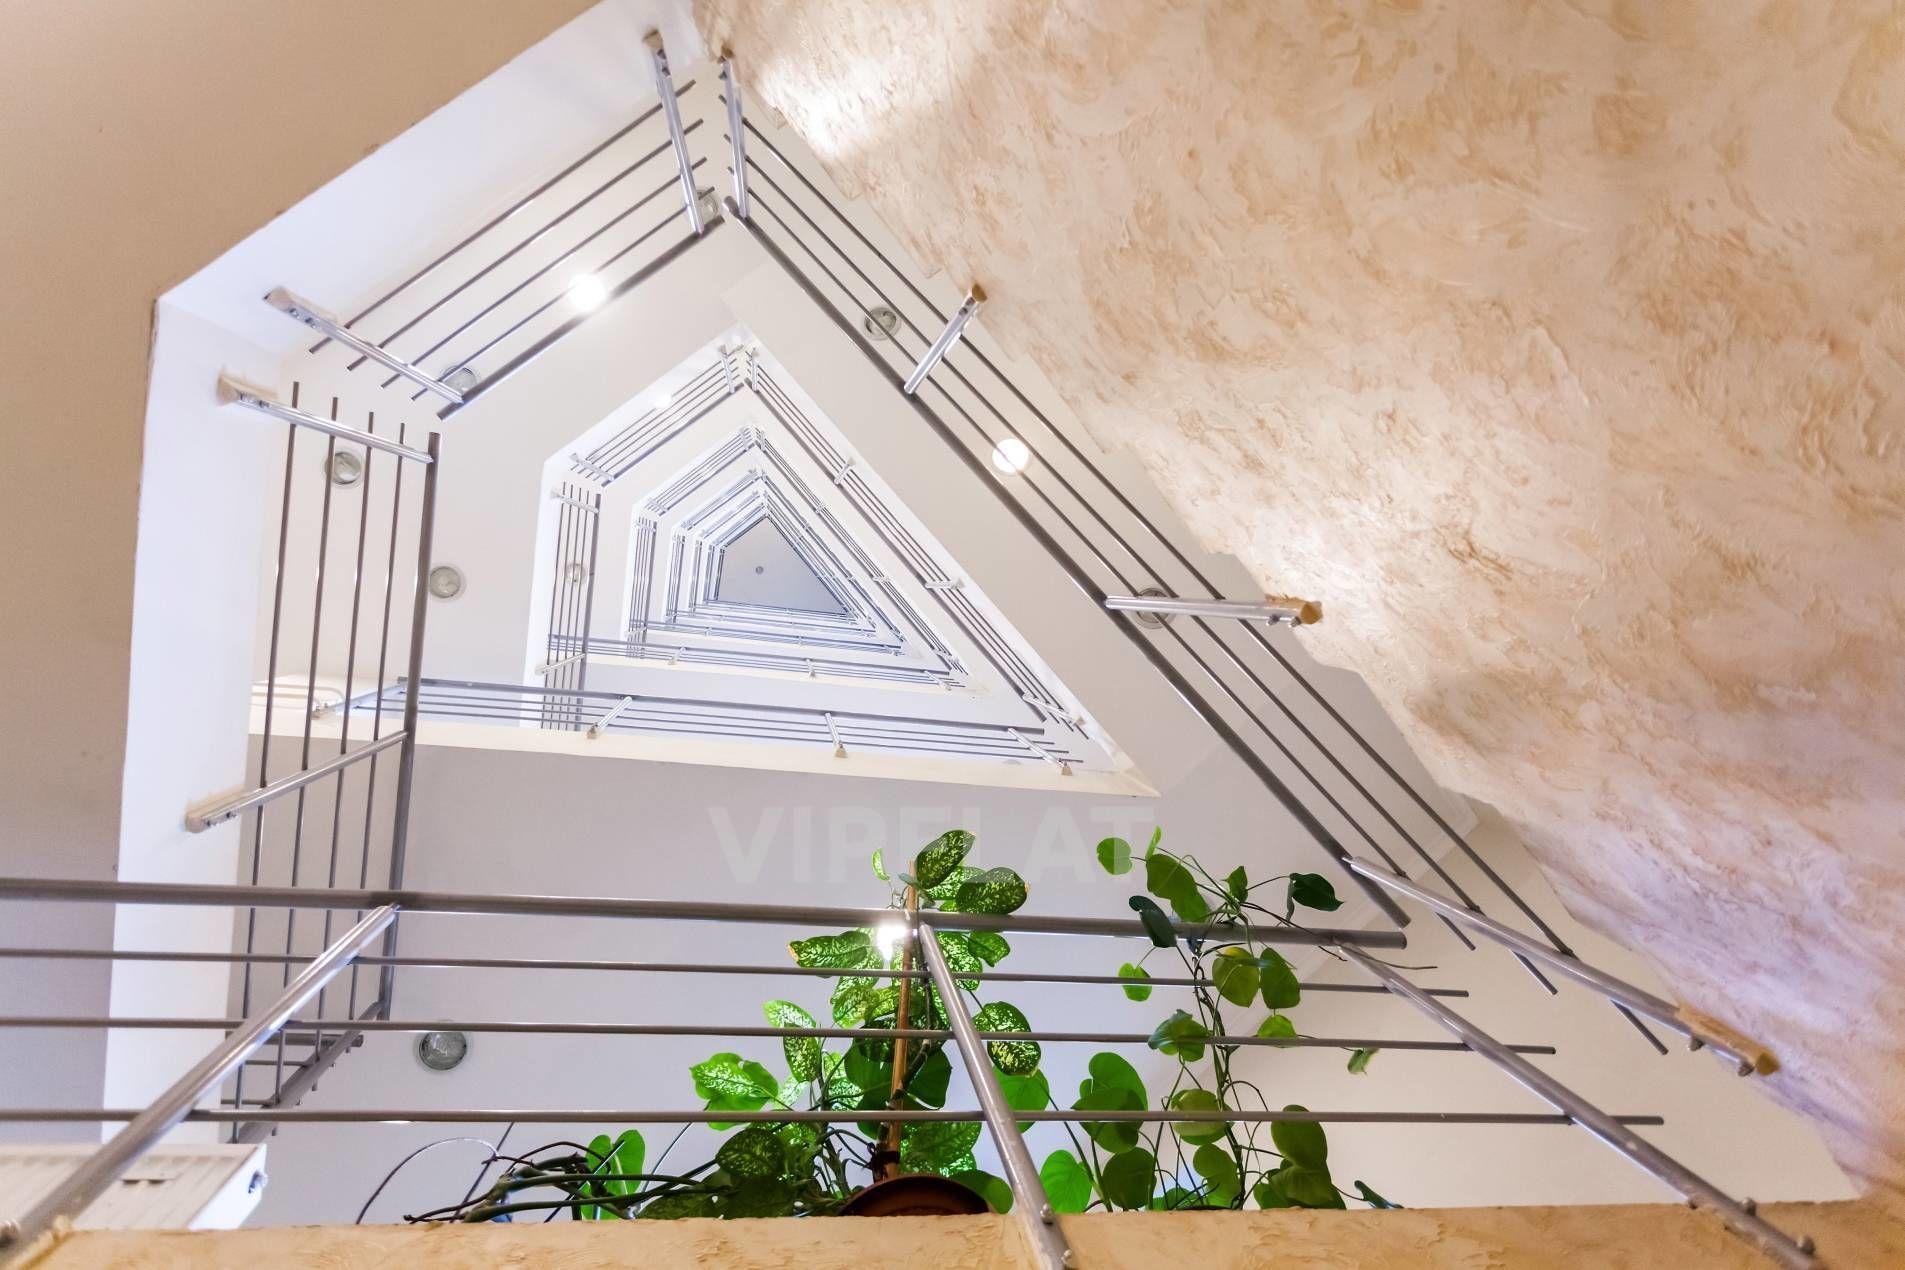 Продажа элитных квартир Санкт-Петербурга. Вязовая ул., 10 Стильная парадная